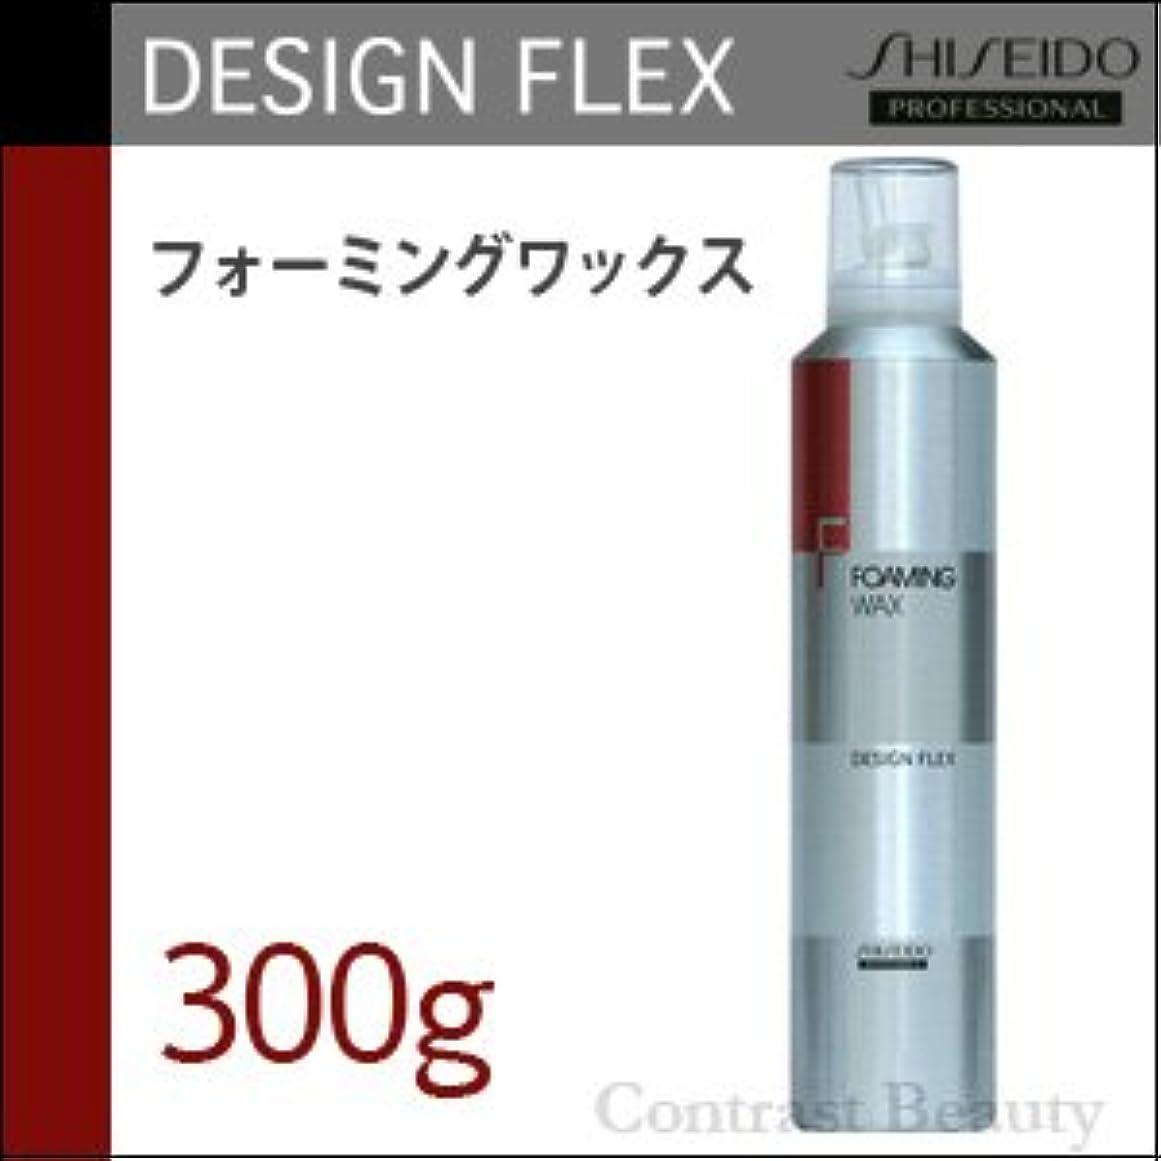 免除する偽造くしゃみ【x2個セット】 資生堂 デザインフレックス フォーミングワックス 300g